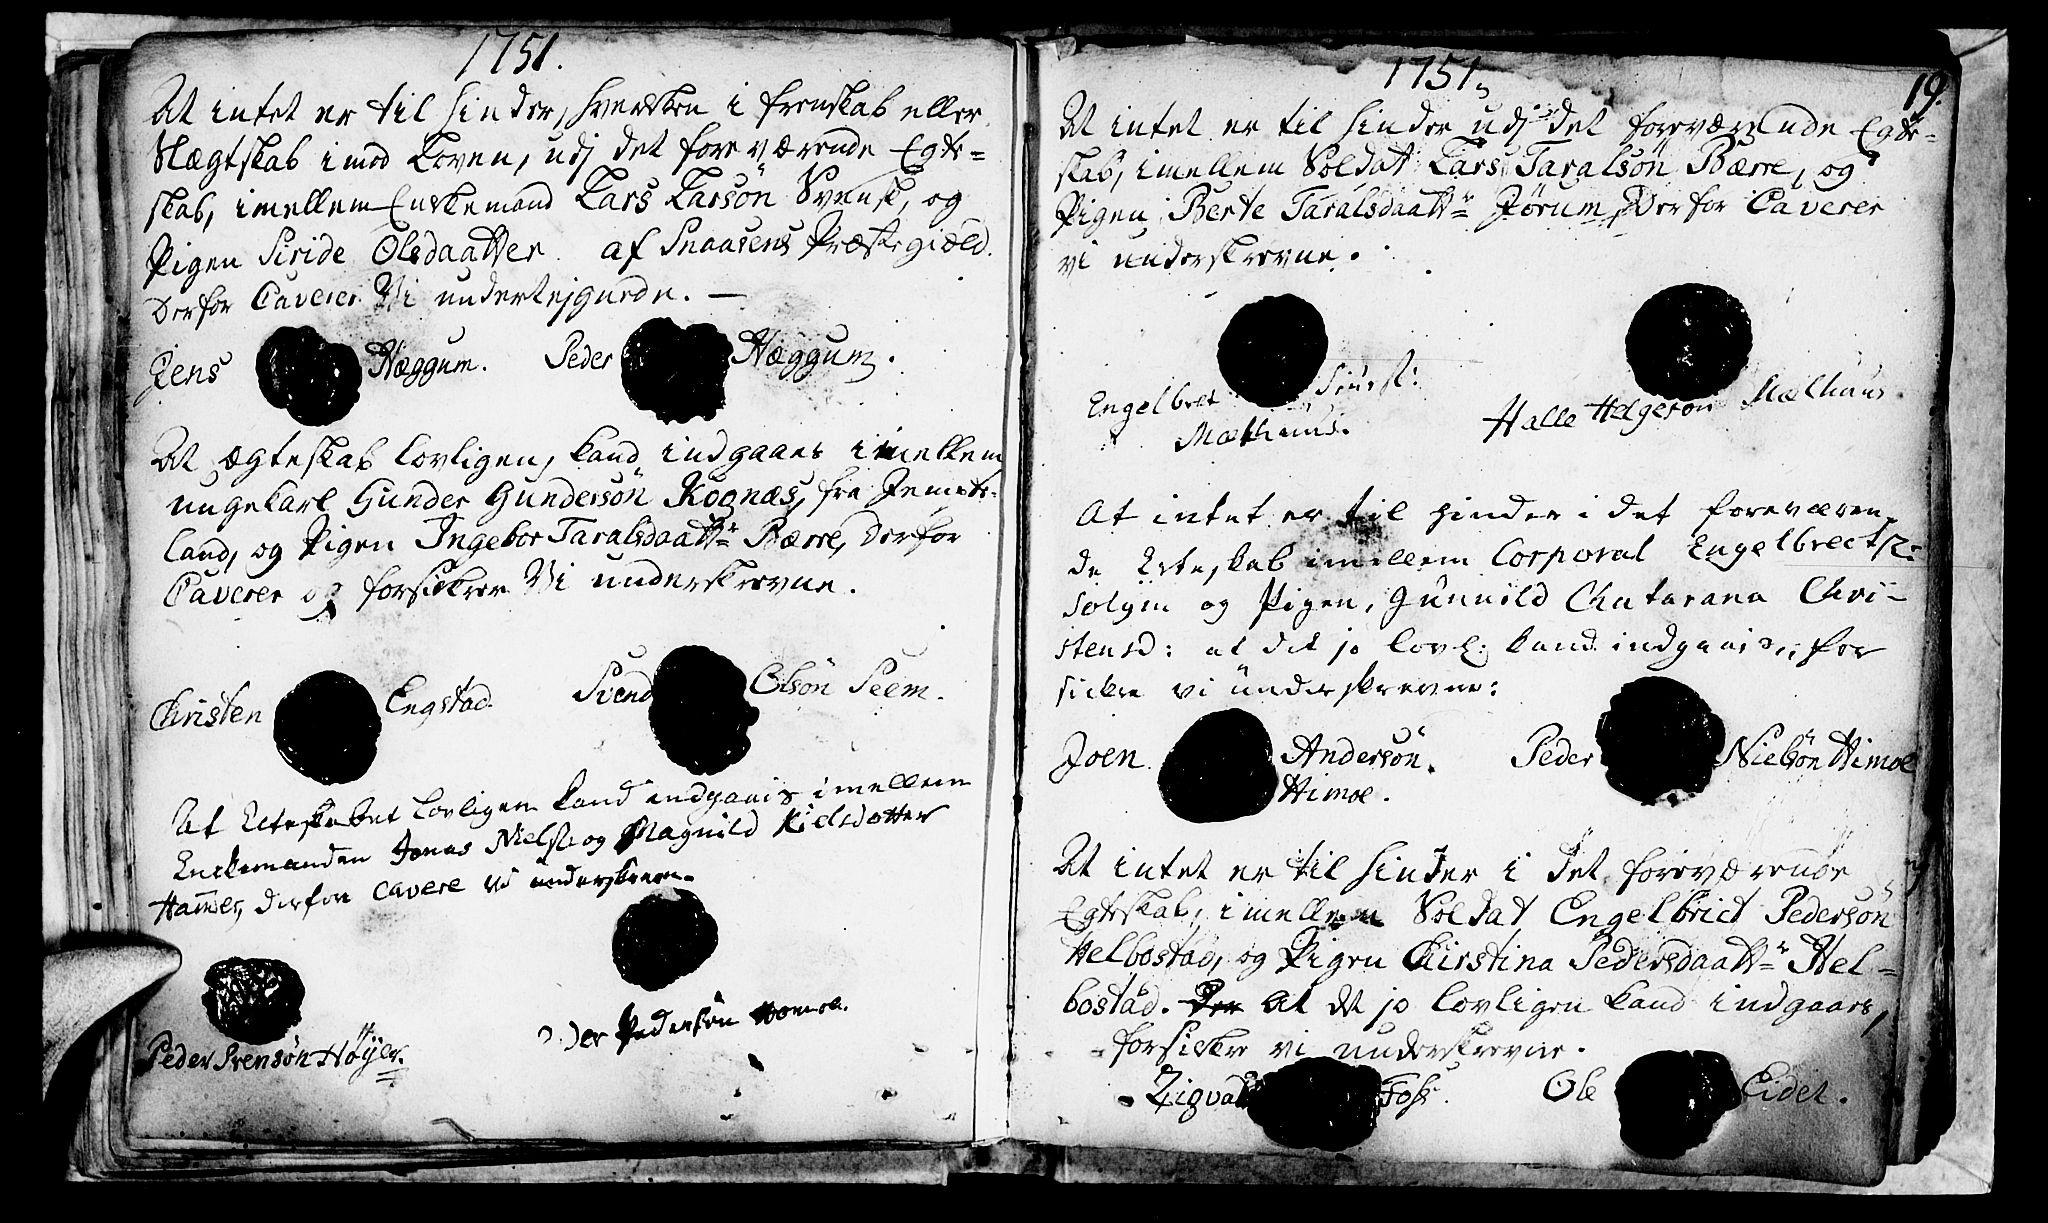 SAT, Ministerialprotokoller, klokkerbøker og fødselsregistre - Nord-Trøndelag, 764/L0541: Ministerialbok nr. 764A01, 1745-1758, s. 19